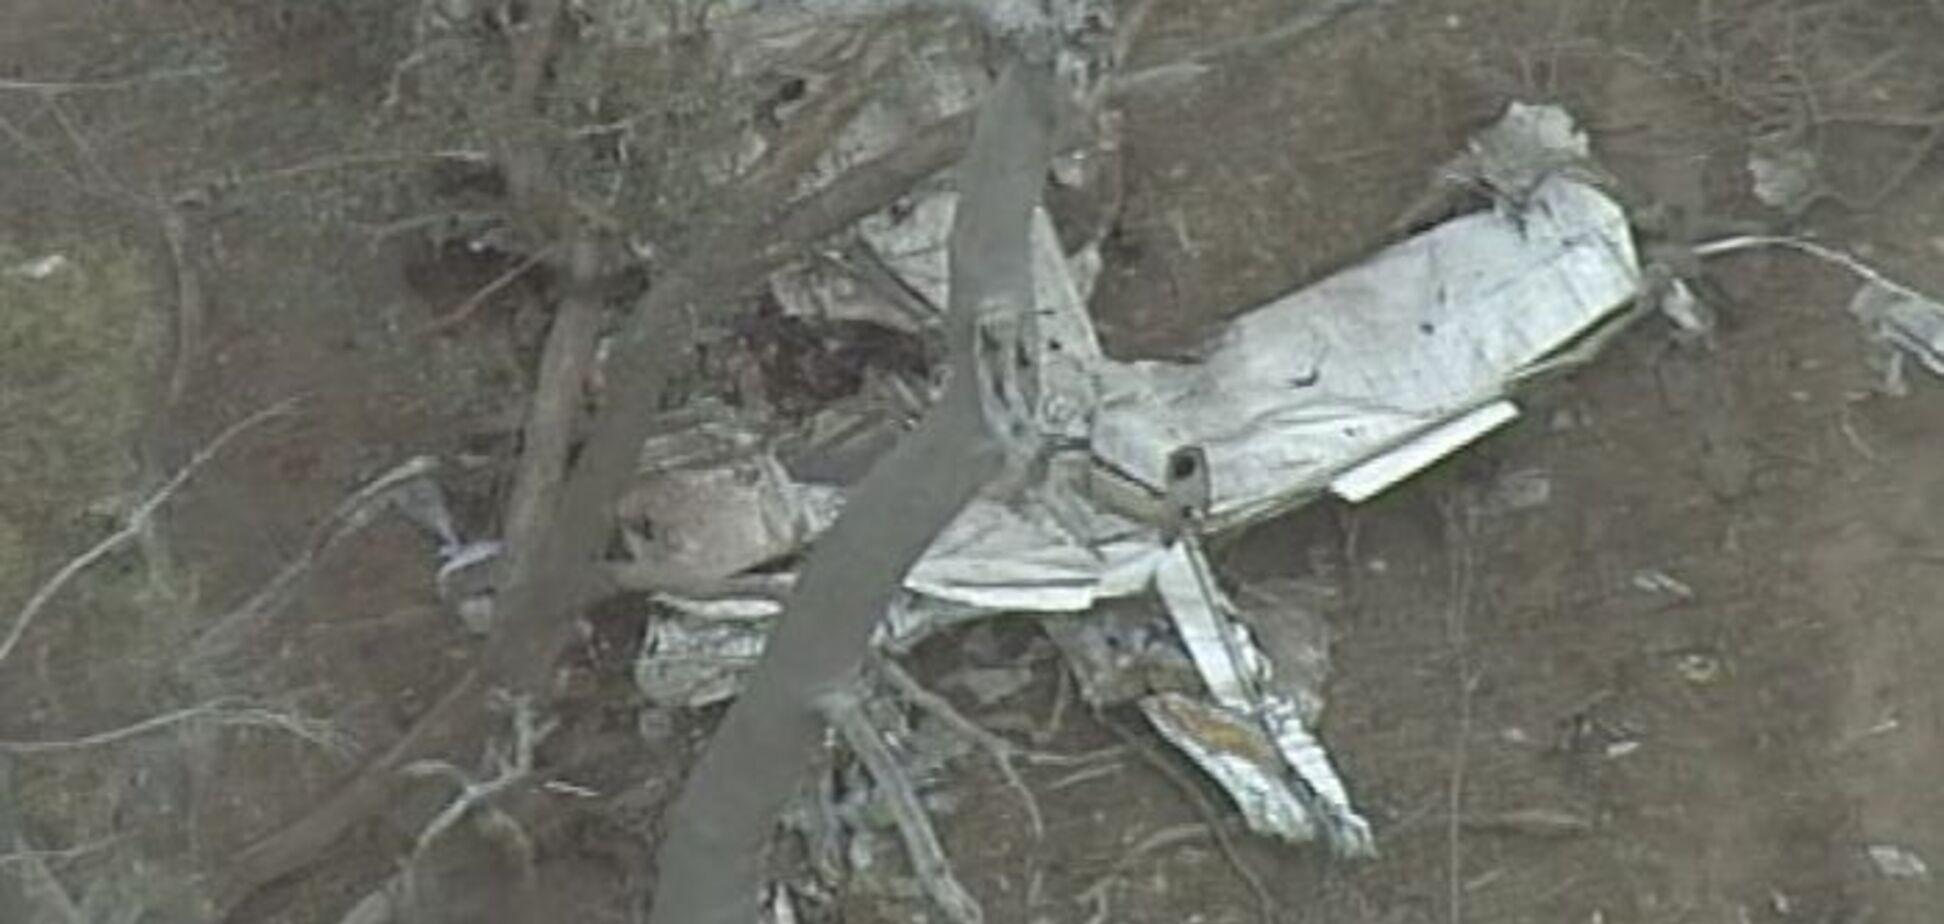 Два самолета столкнулись в небе над Австралией: не выжил никто